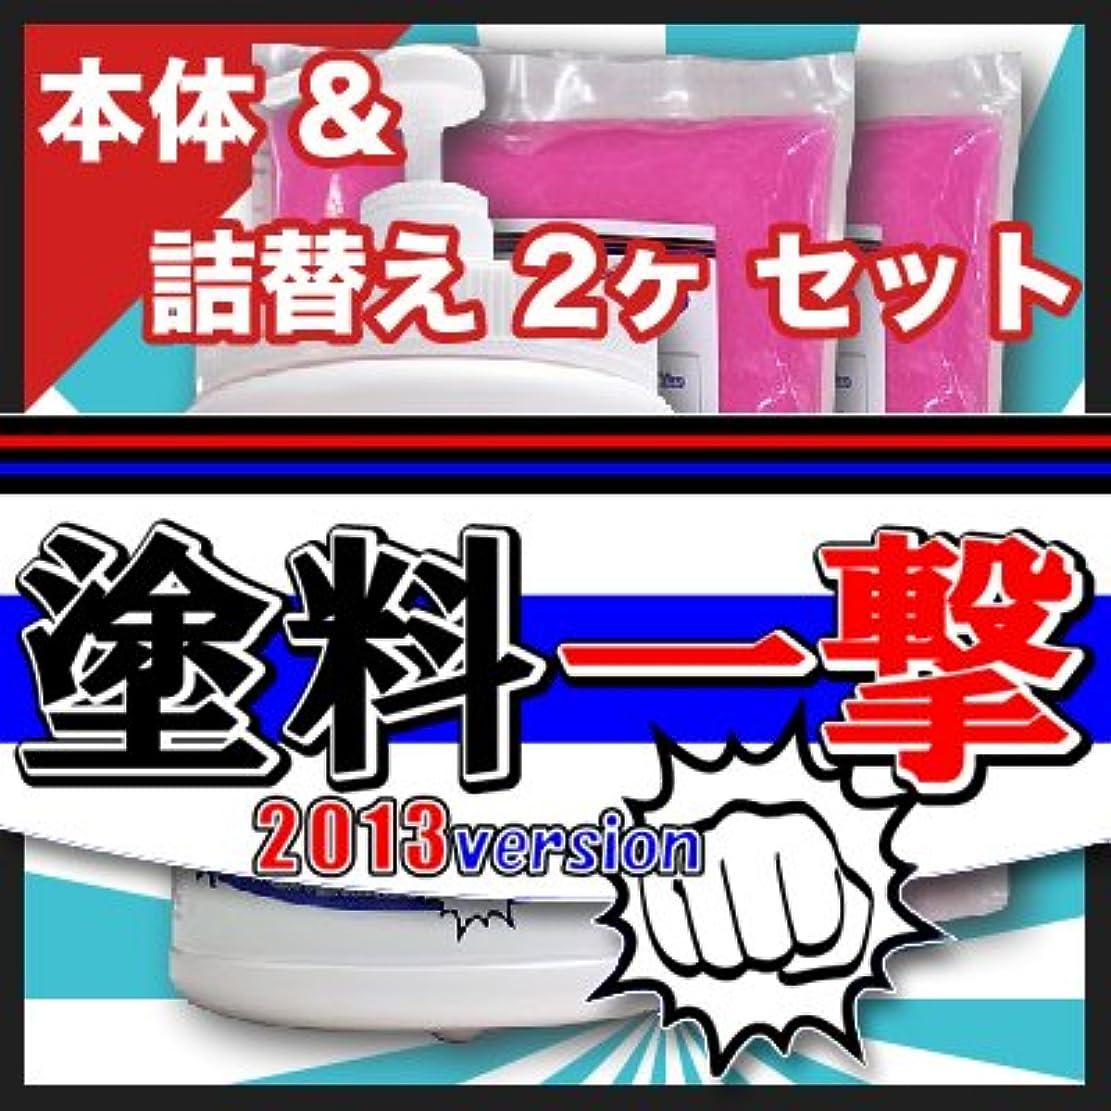 感嘆祭り治世D.Iプランニング 塗料一撃 2013 Version 本体 (1.5kg) & 詰替え (1.2kg x 2ヶ)